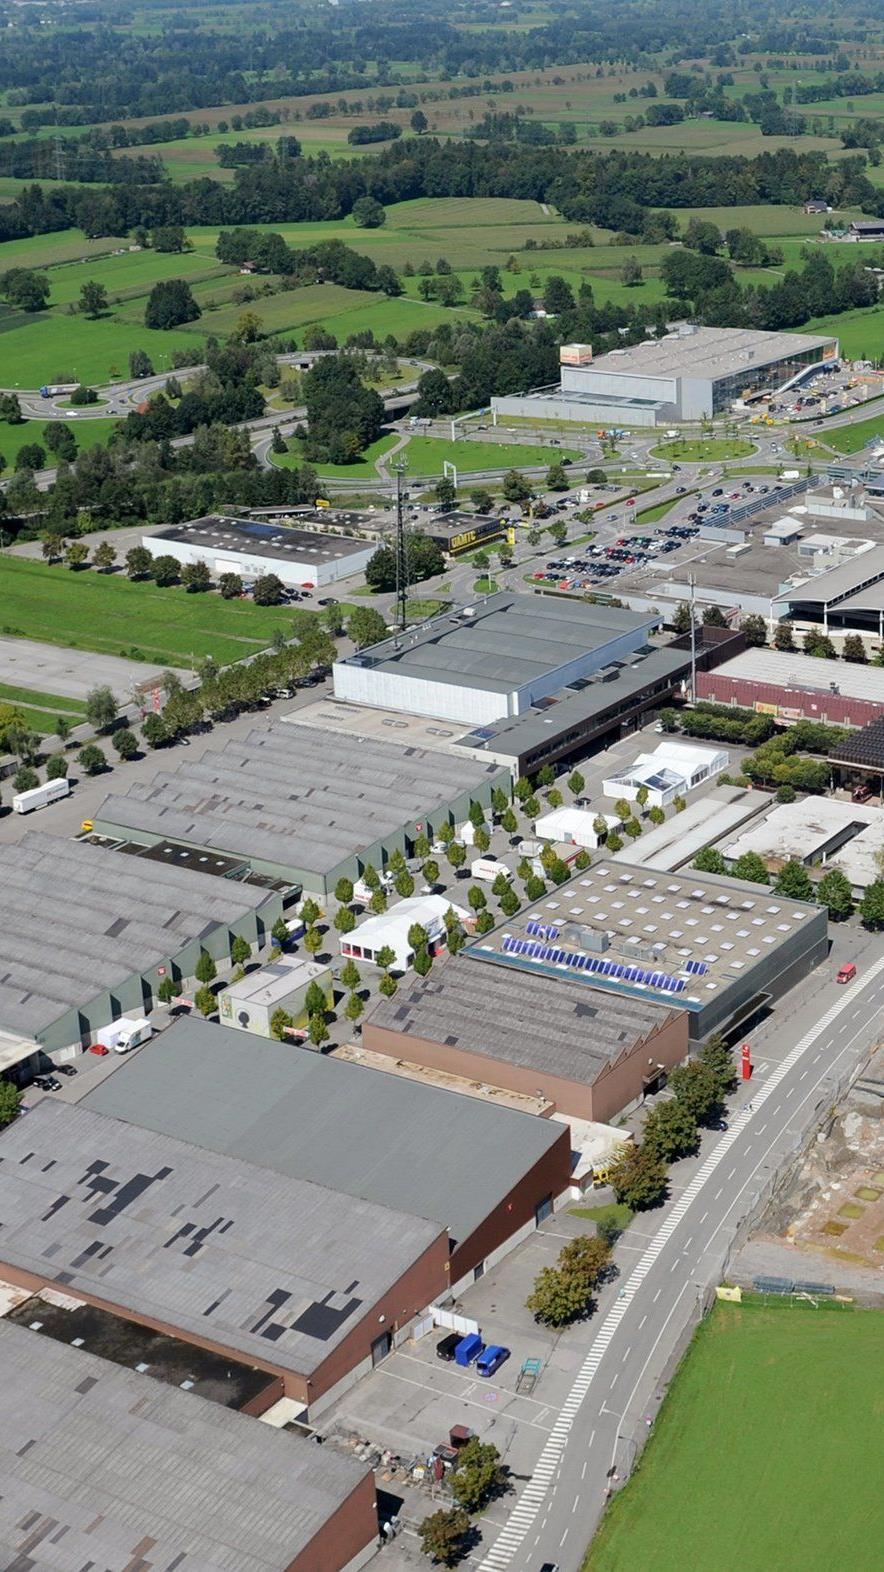 Erneuerung der Messehalle: Dornbirn sichert sich langfristig Investitionszuschuss.